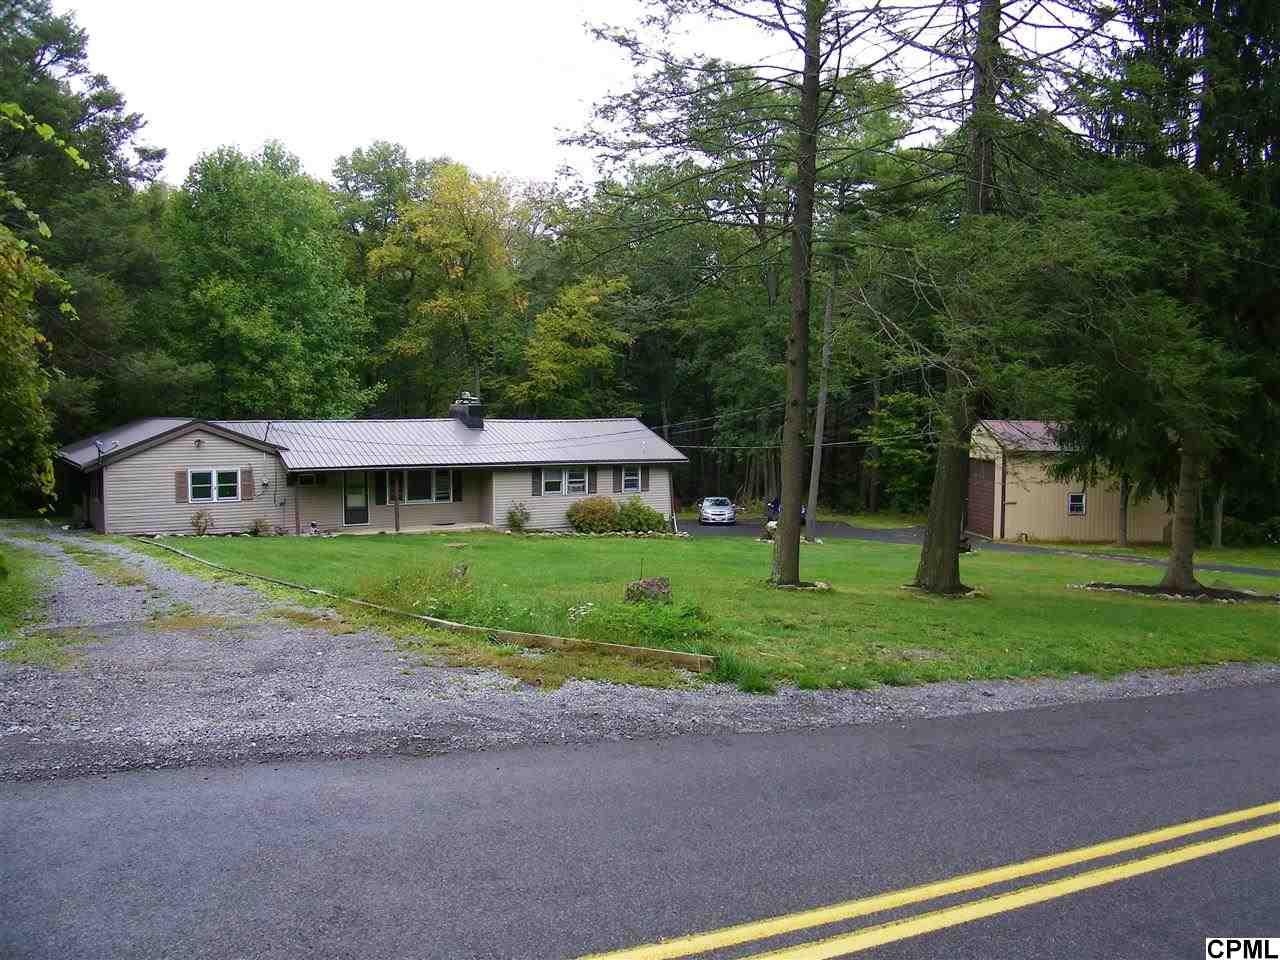 4934 Ulsh Gap Rd, McClure, PA 17841